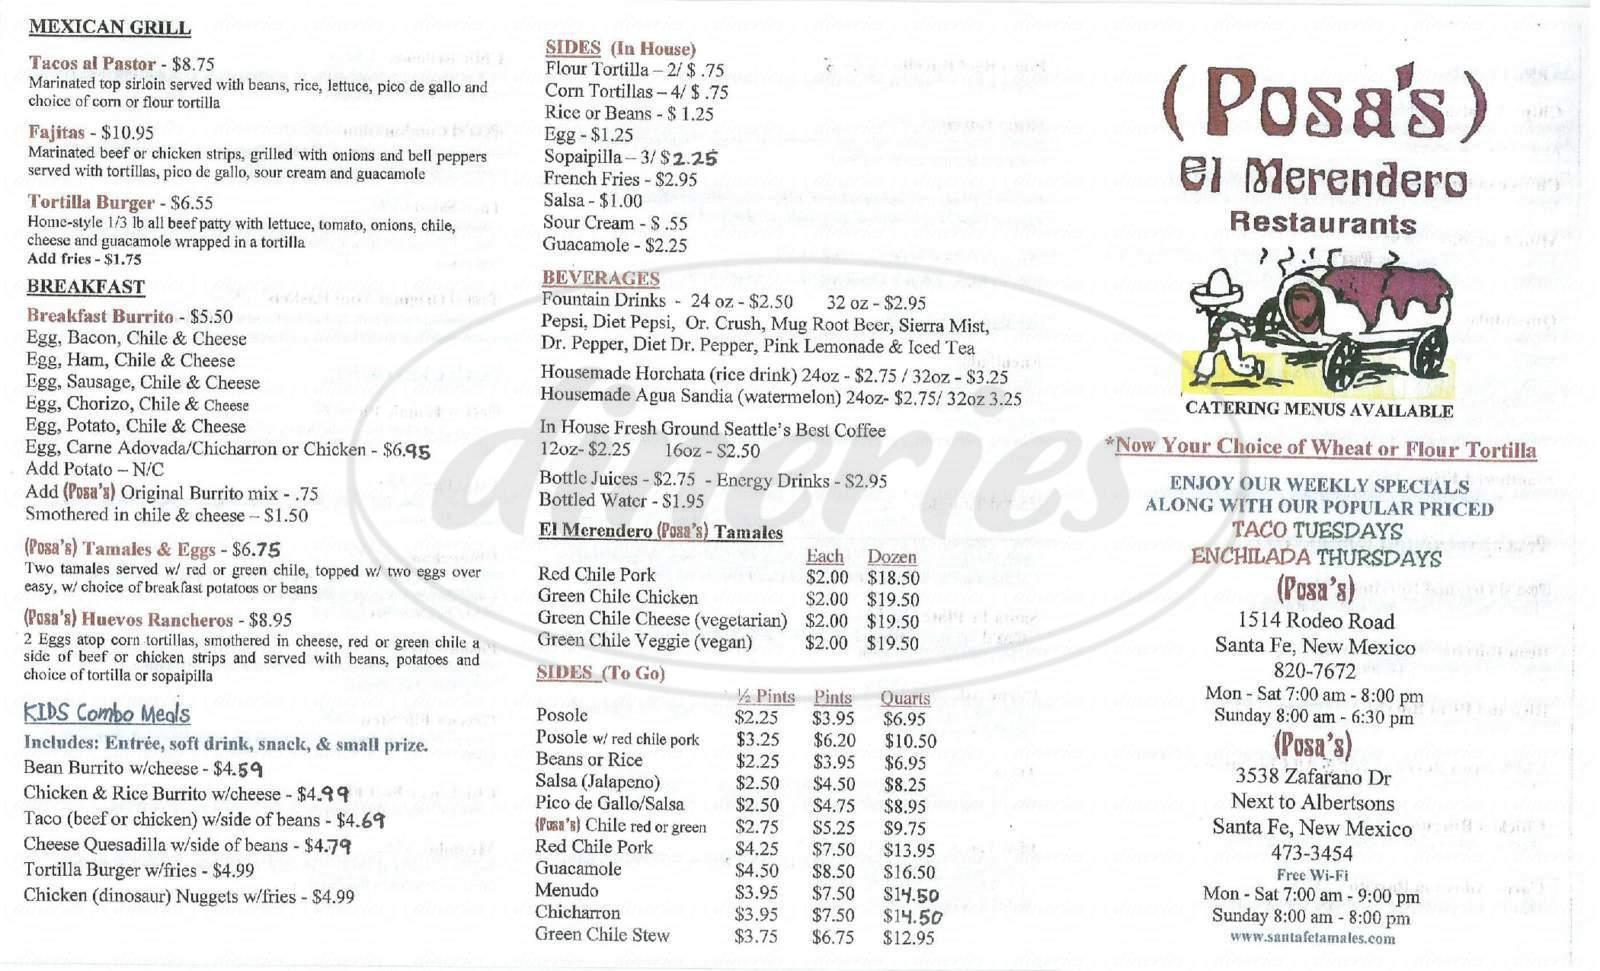 menu for Posa's El Merendero